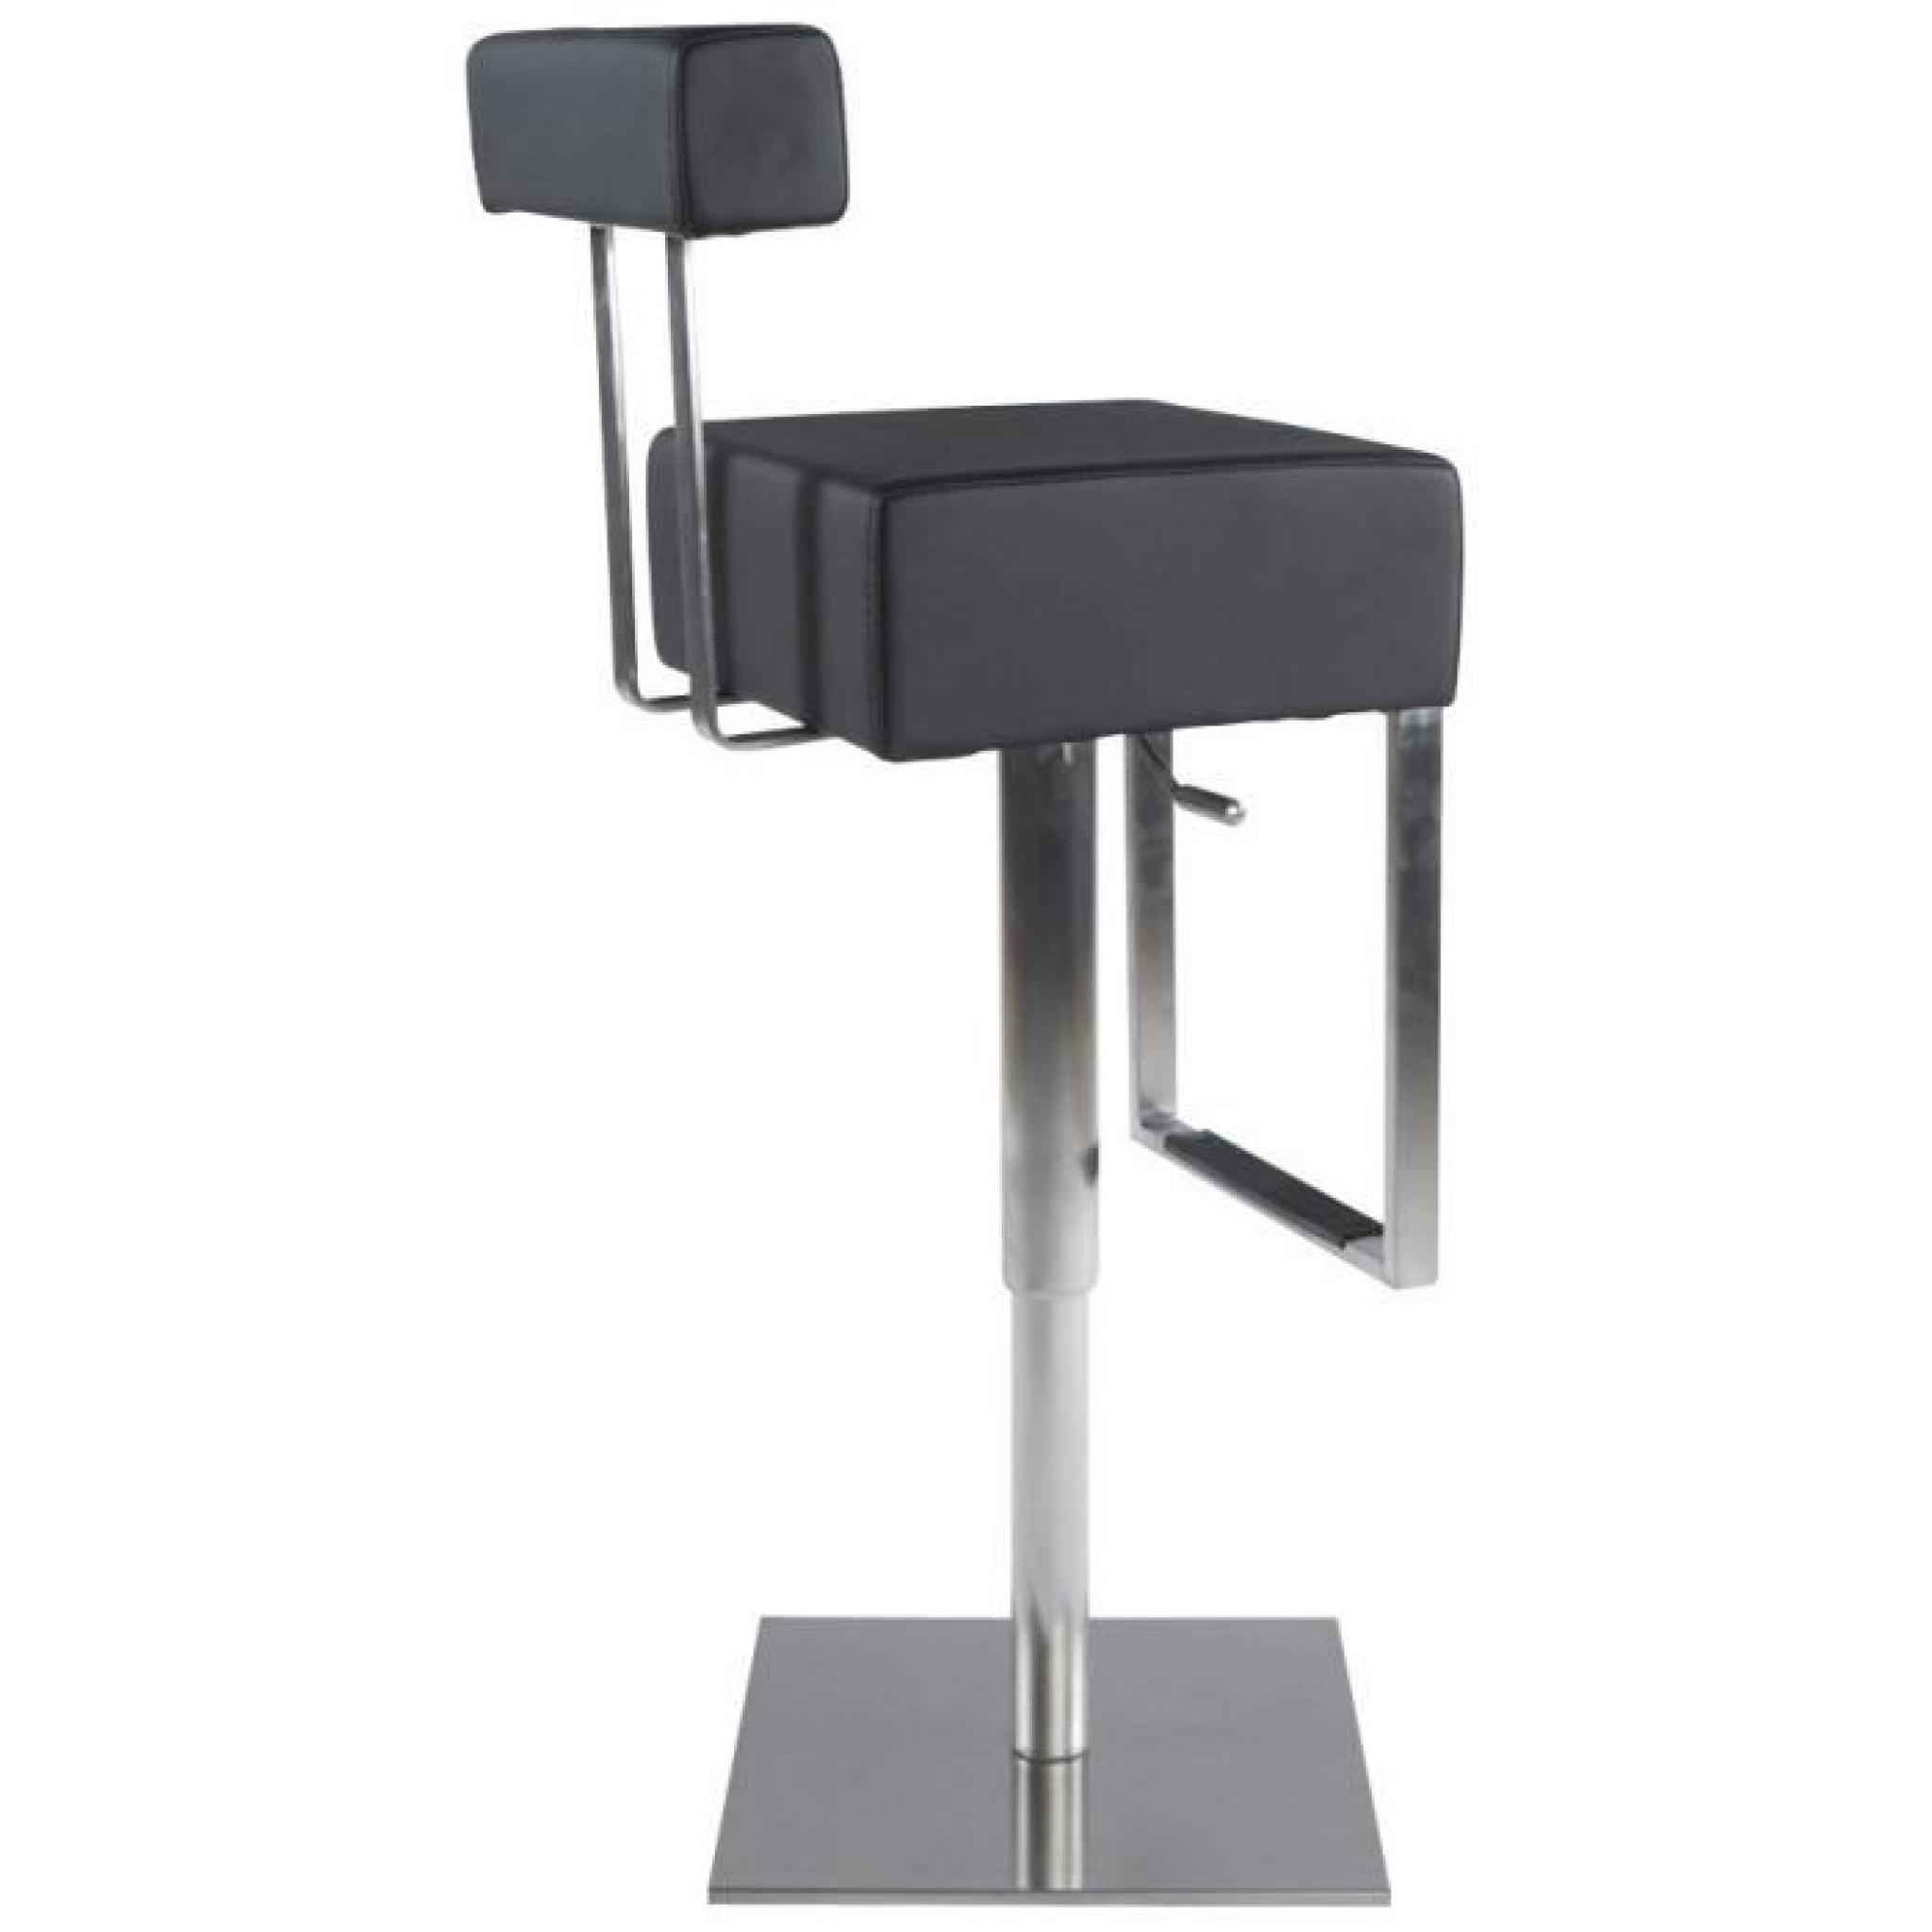 tabouret de bar 39 spoon 39 avec haut dossier en similicuir noir achat vente tabouret de bar pas. Black Bedroom Furniture Sets. Home Design Ideas